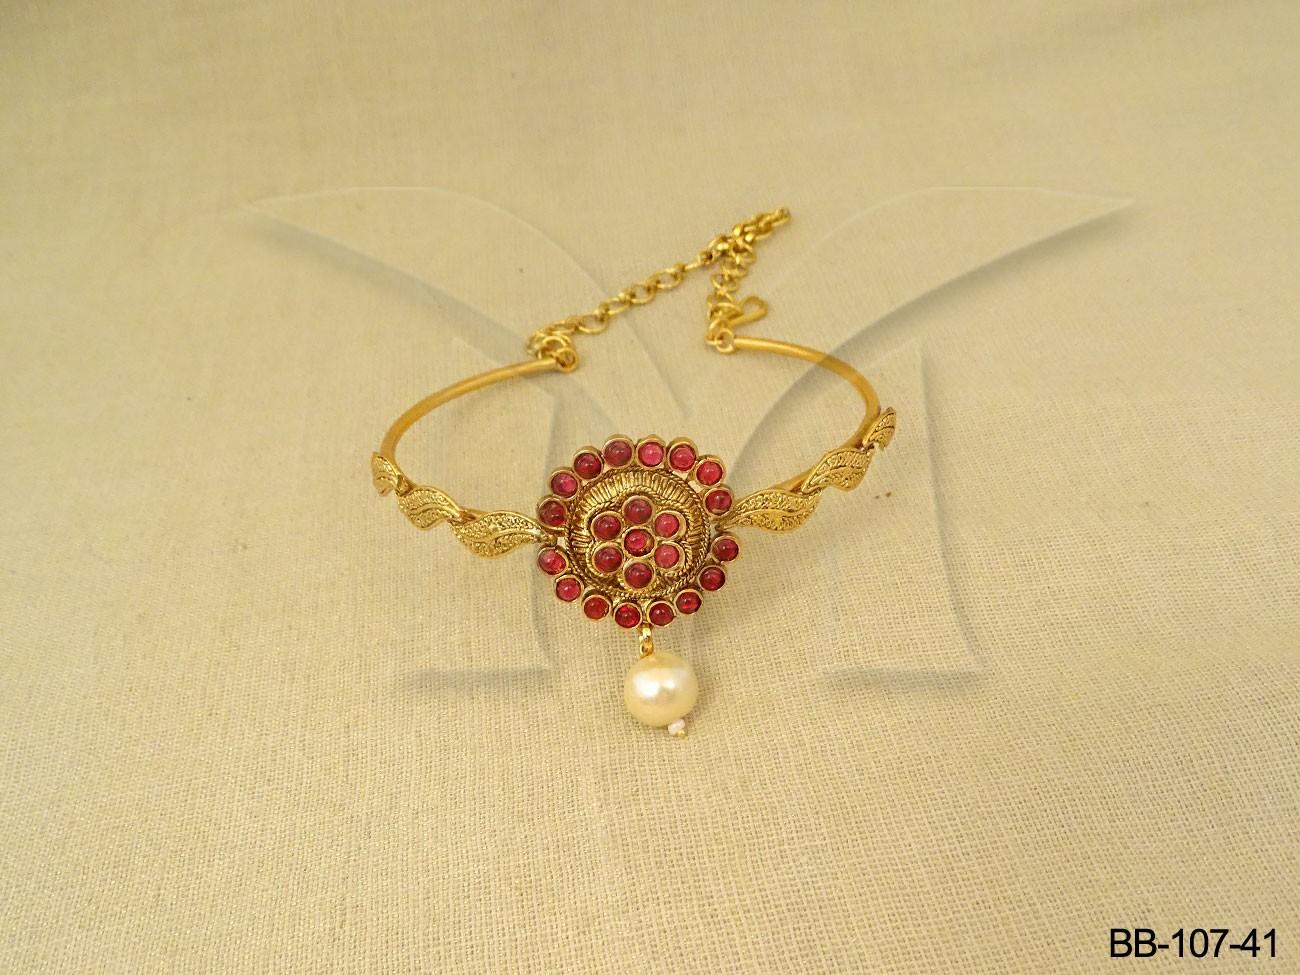 Kemp Bajuband Jewellery